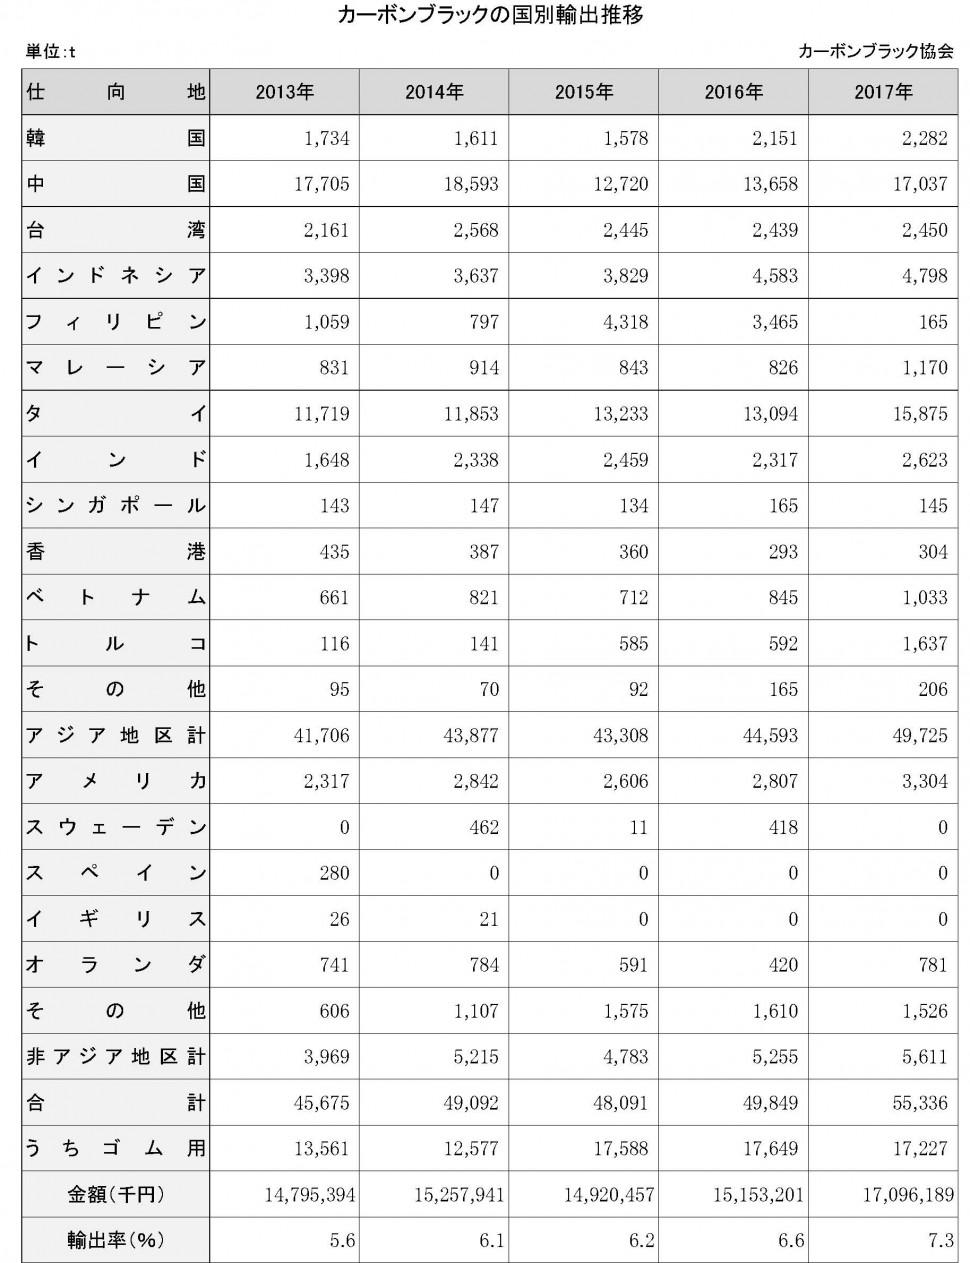 【DB2019】4-4-1-3 カーボンブラックの国別輸出推移【新規作成】